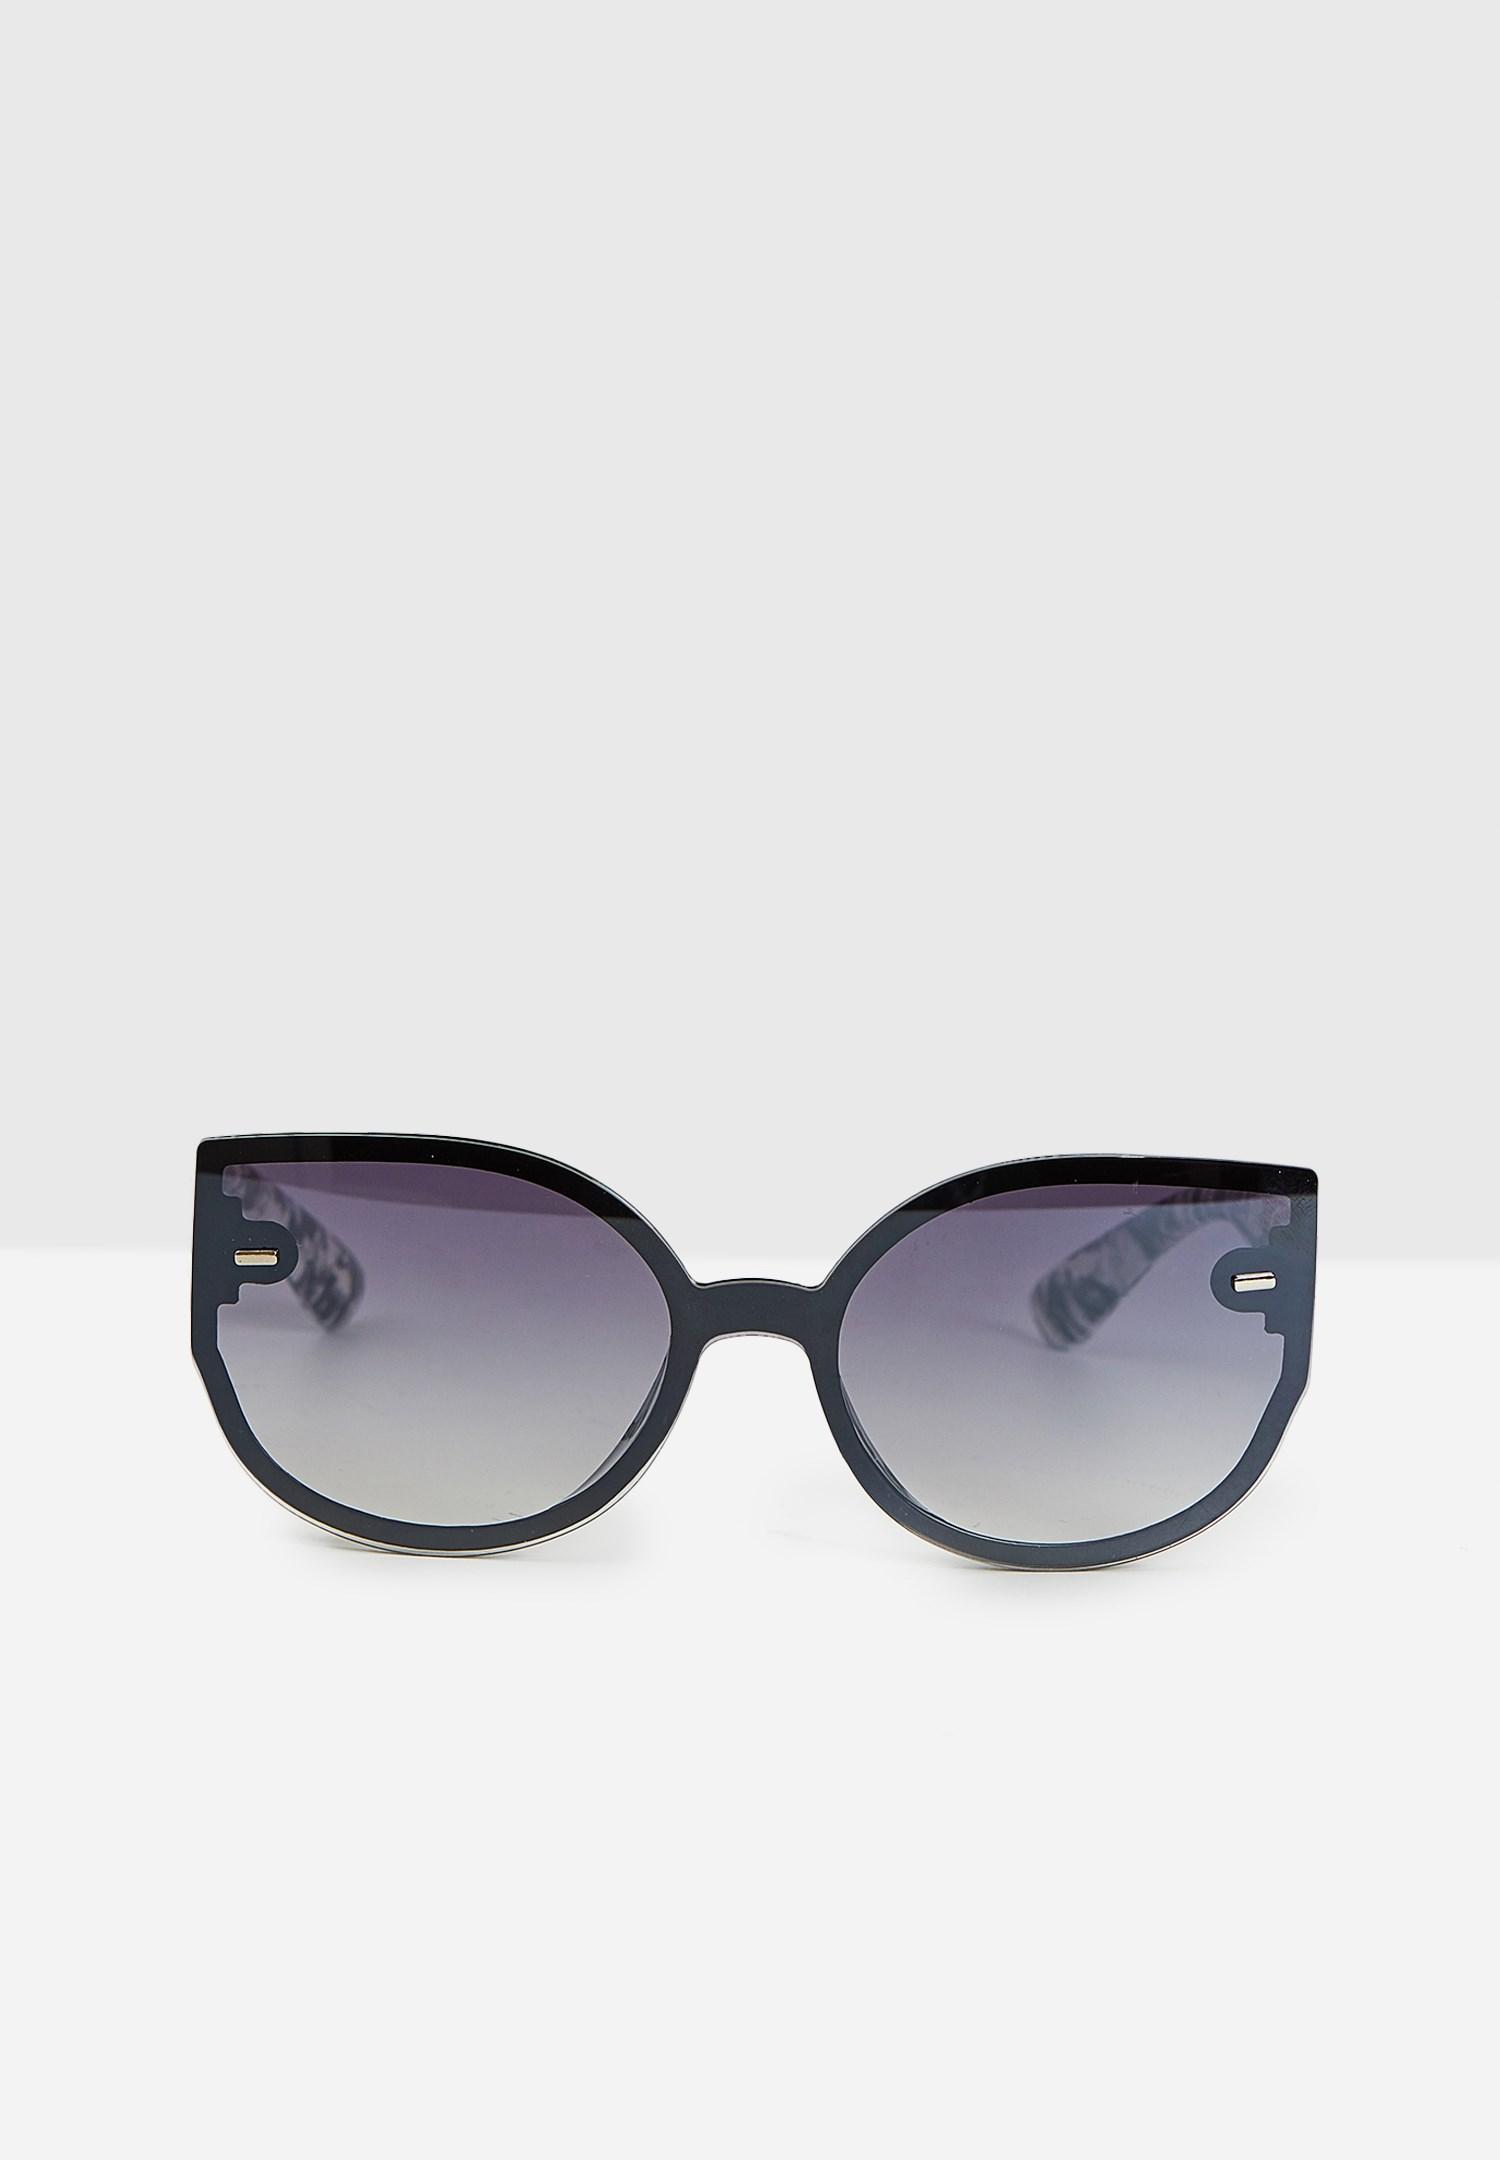 Bayan Siyah Yuvarlak Köşeli Ayna Detaylı Gözlük